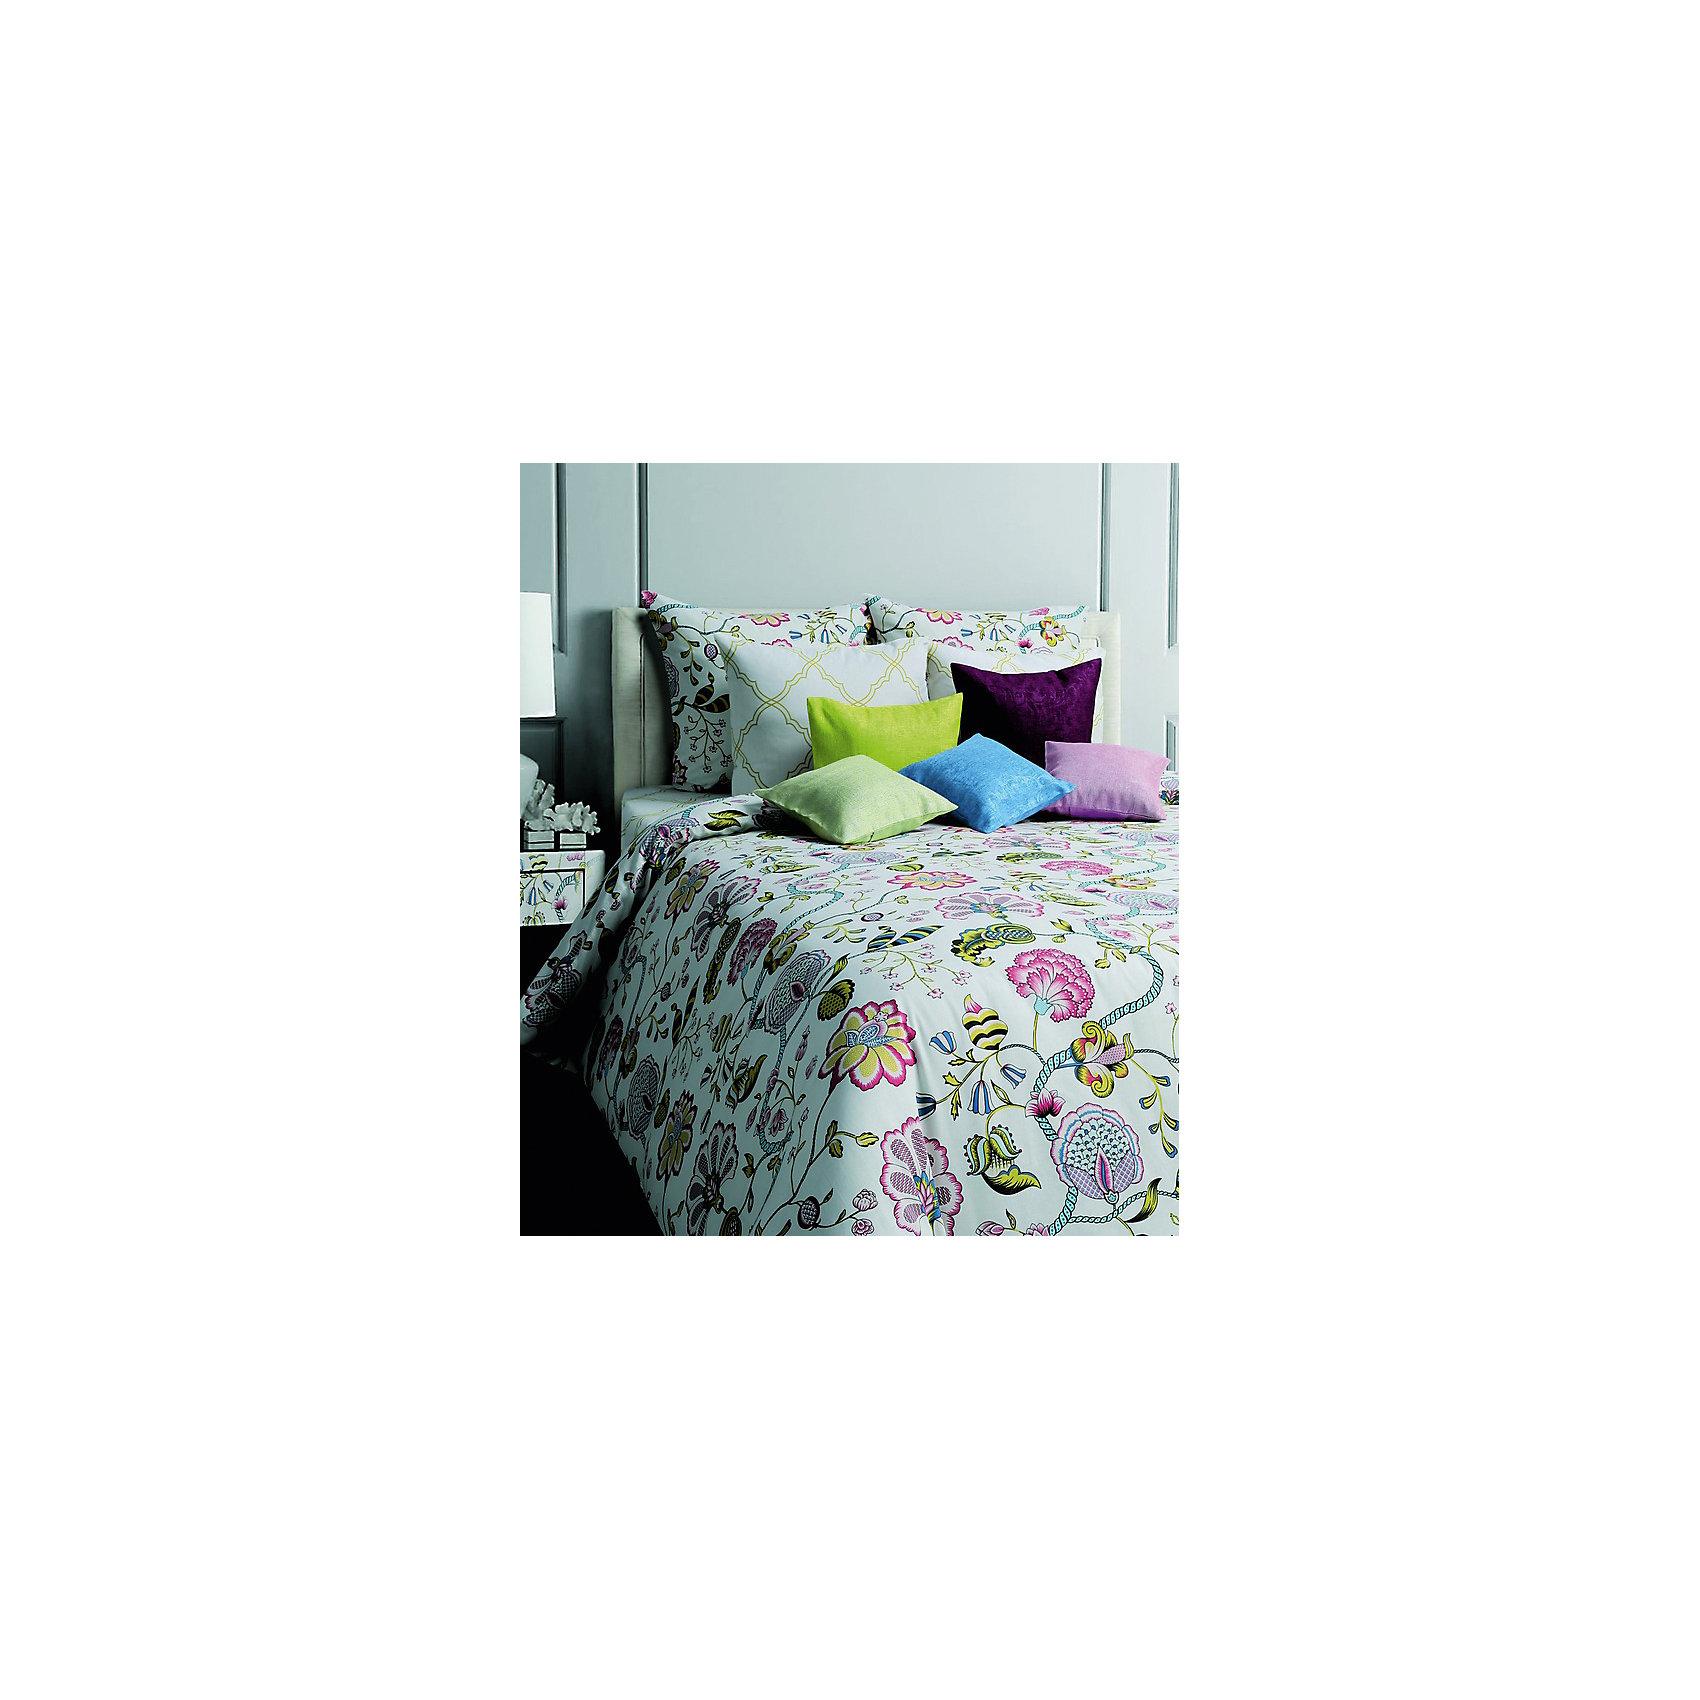 Постельное белье Country, 2-спальный, 70*70, Mona LizaДомашний текстиль<br>Характеристики:<br><br>• Вид домашнего текстиля: постельное белье<br>• Тип постельного белья по размерам: 2сп<br>• Серия: Mona Liza Classic<br>• Сезон: круглый год<br>• Материал: бязь <br>• Цвет: белый, розовый, желтый, зеленый, голубой<br>• Комплектация: <br> пододеяльник на пуговицах – 1 шт. 175*210 см <br> простынь – 1 шт. 215*240 см<br> наволочки – 2 шт. (70*70 см)<br>• Тип упаковки: книжка <br>• Вес в упаковке: 1 кг 970 г<br>• Особенности ухода: машинная стирка при температуре 30 градусов<br><br>Постельное белье 2сп Country 70*70, Mona Liza изготовлено под отечественным торговым брендом, выпускающим постельное белье из натуральных тканей. Комплект выполнен из 100 % бязи, отличающейся высокими характеристиками не только прочности самого полотна, но и устойчивости окраски, которая выполняется по особой технологии. Комплектсостоит из 4-х предметов. Постельное белье выполнено в стильном дизайне с нежным цветочным рисунком на белом фоне. <br>Постельное белье 2сп Country 70*70, Mona Liza – домашний текстиль, соответствующий международным стандартам качества и безопасности!<br><br>Постельное белье 2сп Country 70*70, Mona Liza можно купить в нашем интернет-магазине.<br><br>Ширина мм: 290<br>Глубина мм: 80<br>Высота мм: 370<br>Вес г: 2300<br>Возраст от месяцев: 84<br>Возраст до месяцев: 1188<br>Пол: Женский<br>Возраст: Детский<br>SKU: 5165684